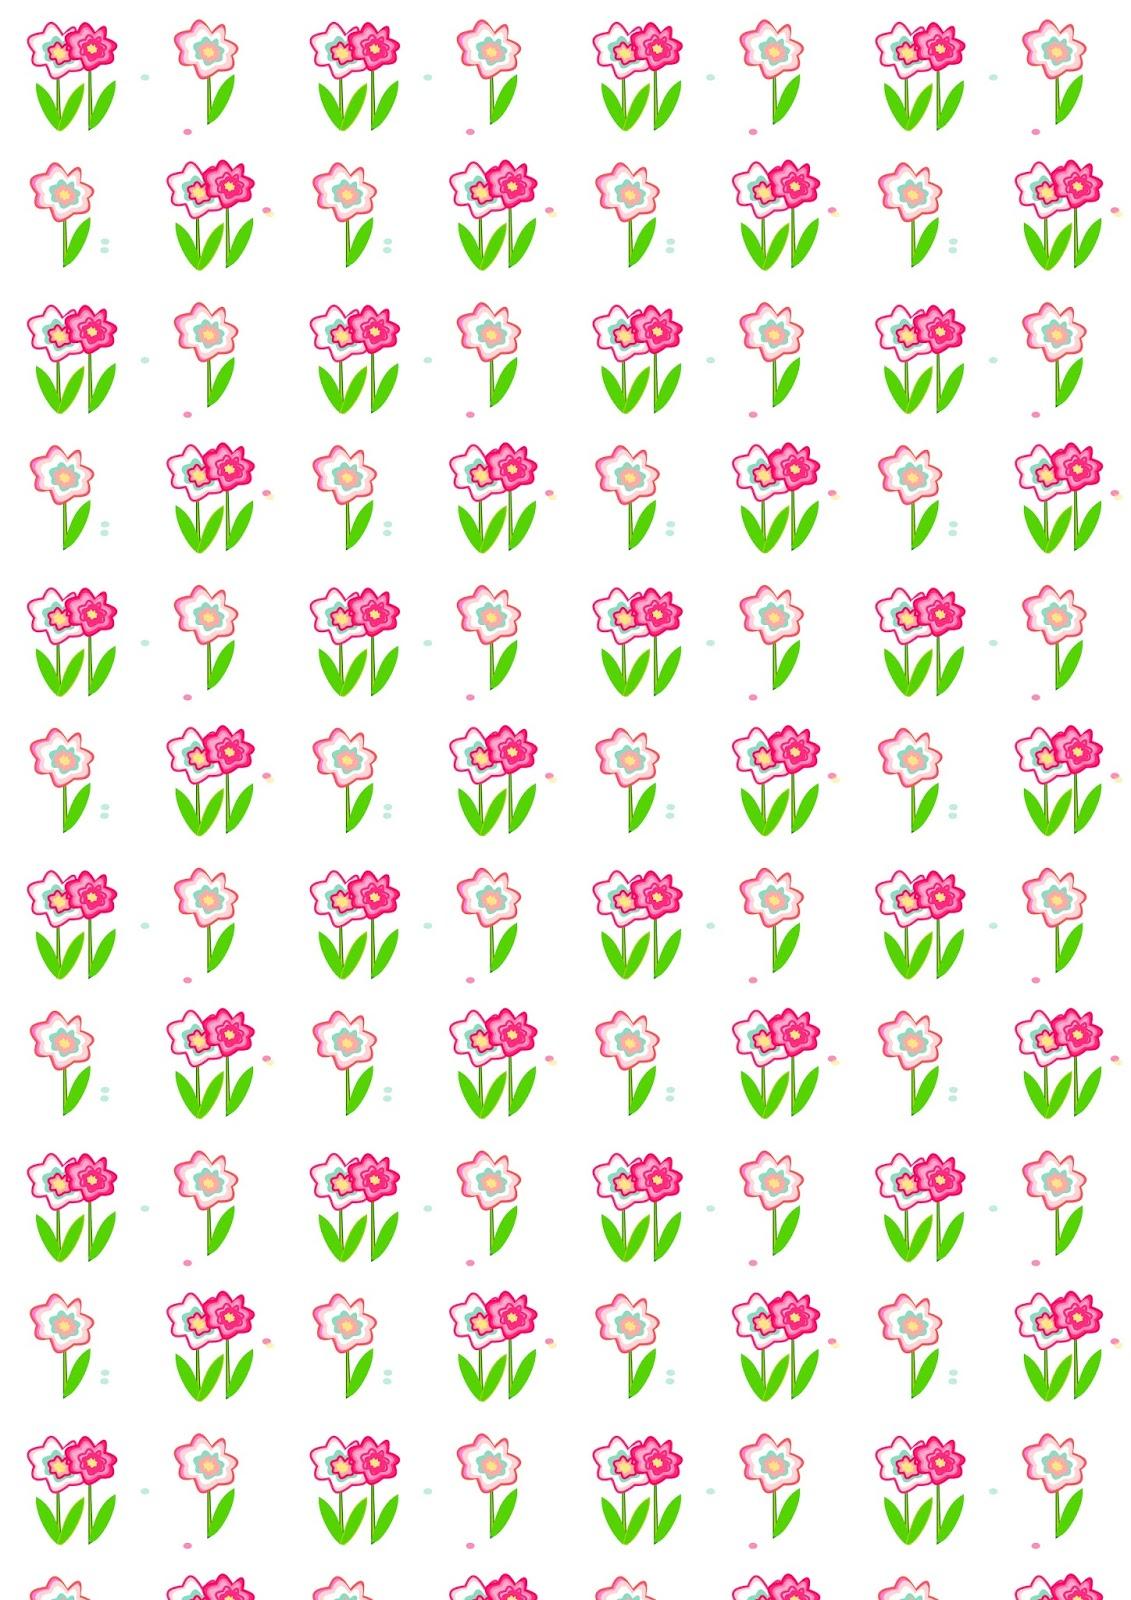 http://1.bp.blogspot.com/-wS5lF8Z62mk/VPBru0QXF5I/AAAAAAAAiNQ/VMqwaUsLzrA/s1600/floral_pattern_paper.jpg